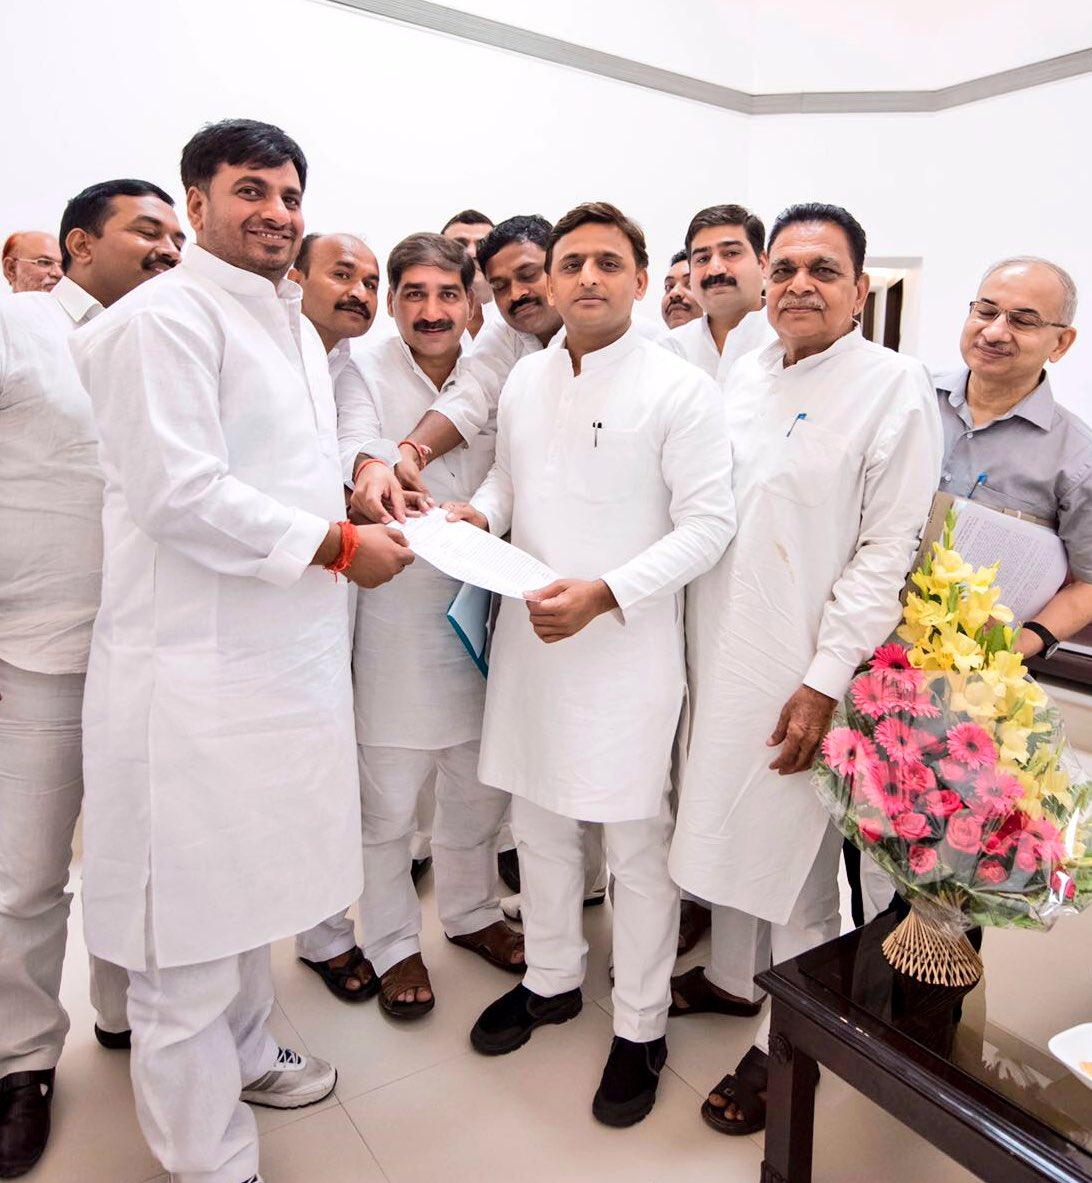 उत्तर प्रदेश के मुख्यमंत्री श्री अखिलेश यादव से 16 जून, 2016 को उनके सरकारीआवास 5 कालिदास मार्ग पर ब्लाॅक प्रमुख संघ का प्रतिनिधिमण्डल मुलाकात करते हुए।